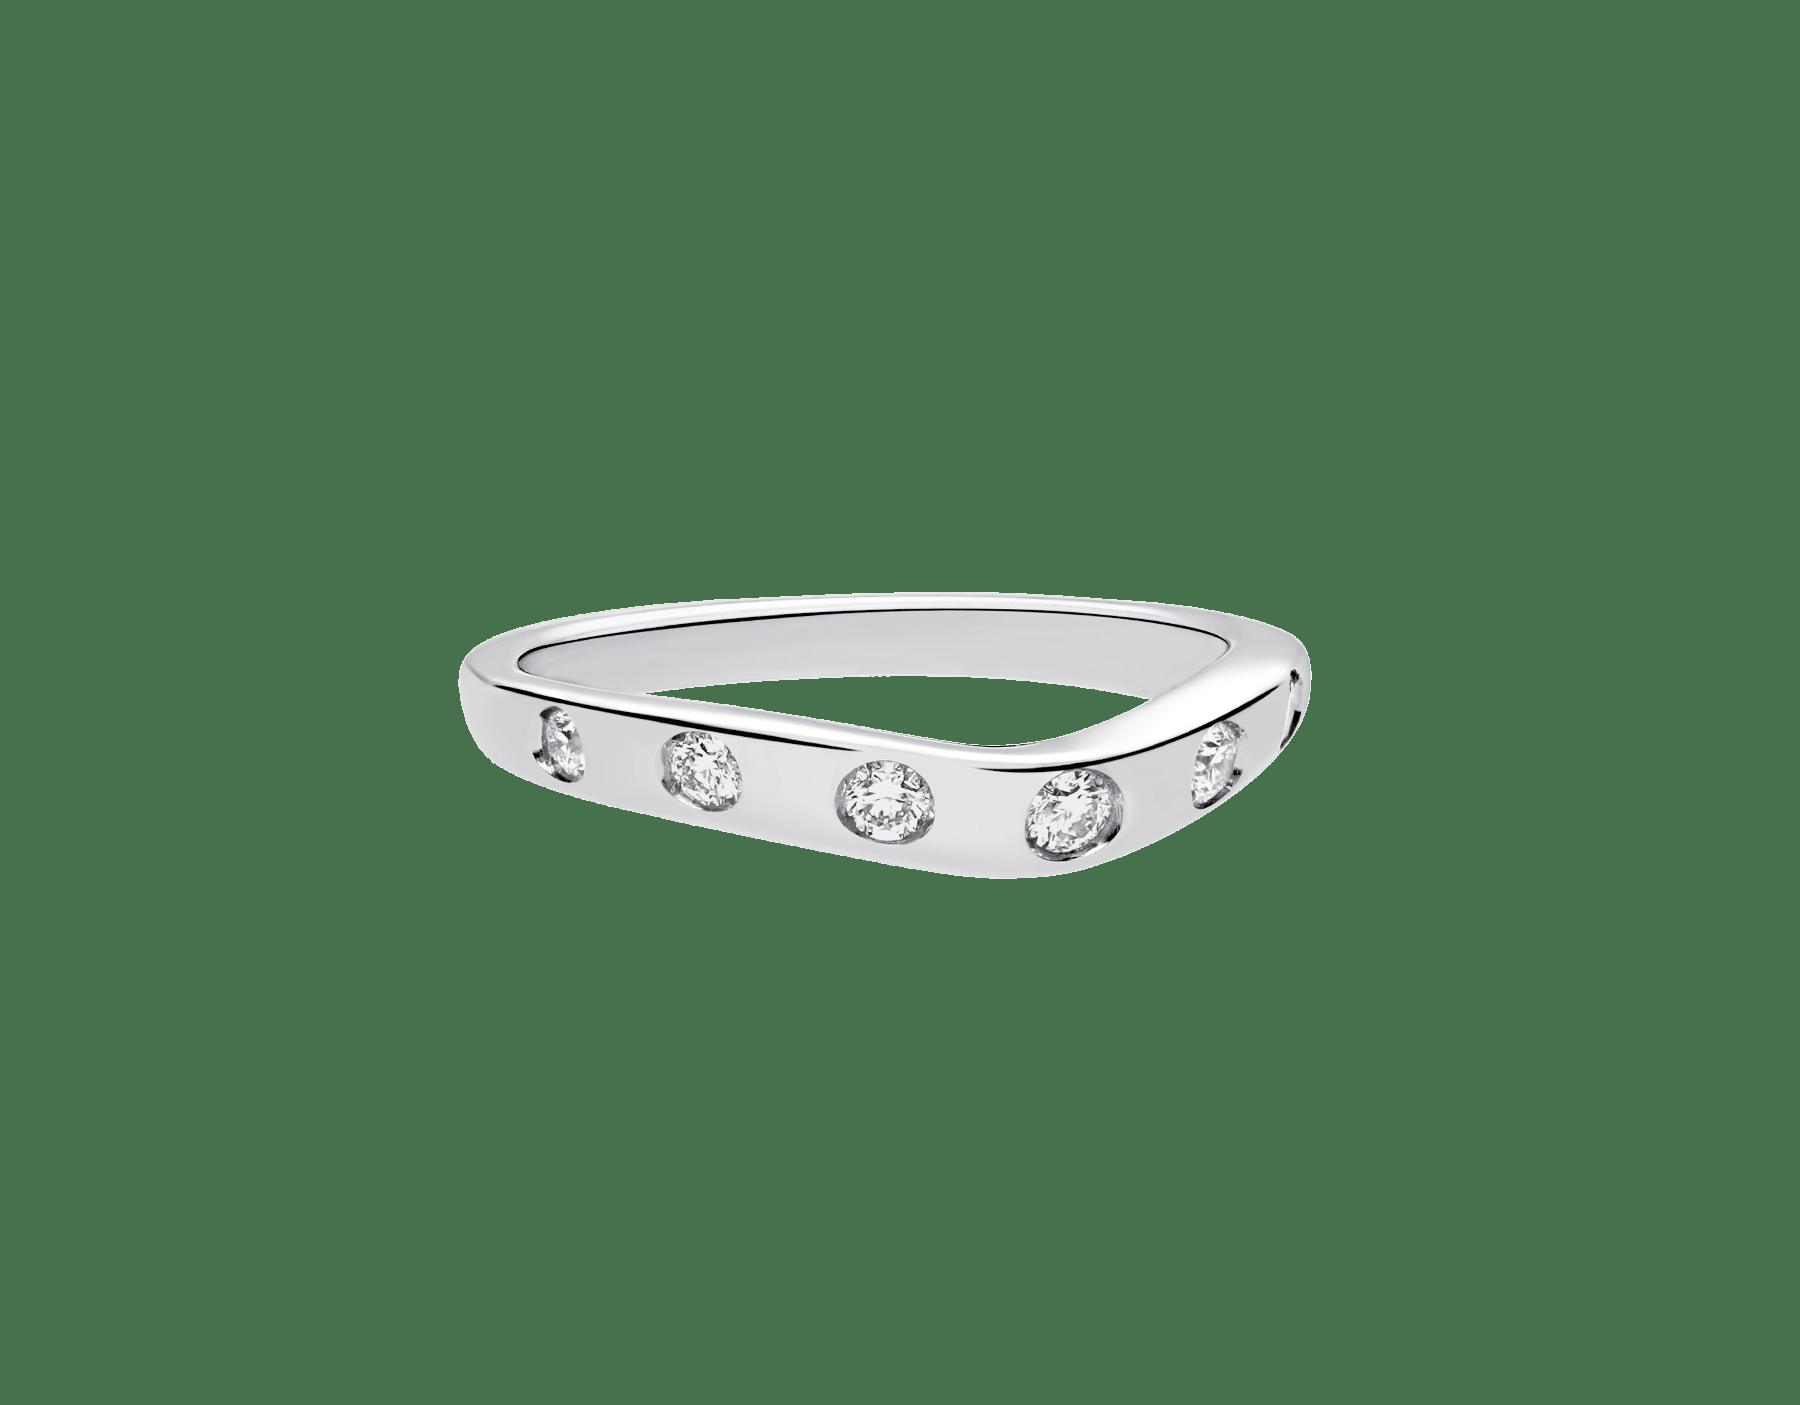 フェディ ウェディング・リング。ダイヤモンド7個を配したプラチナ製。 Corona-2 image 3